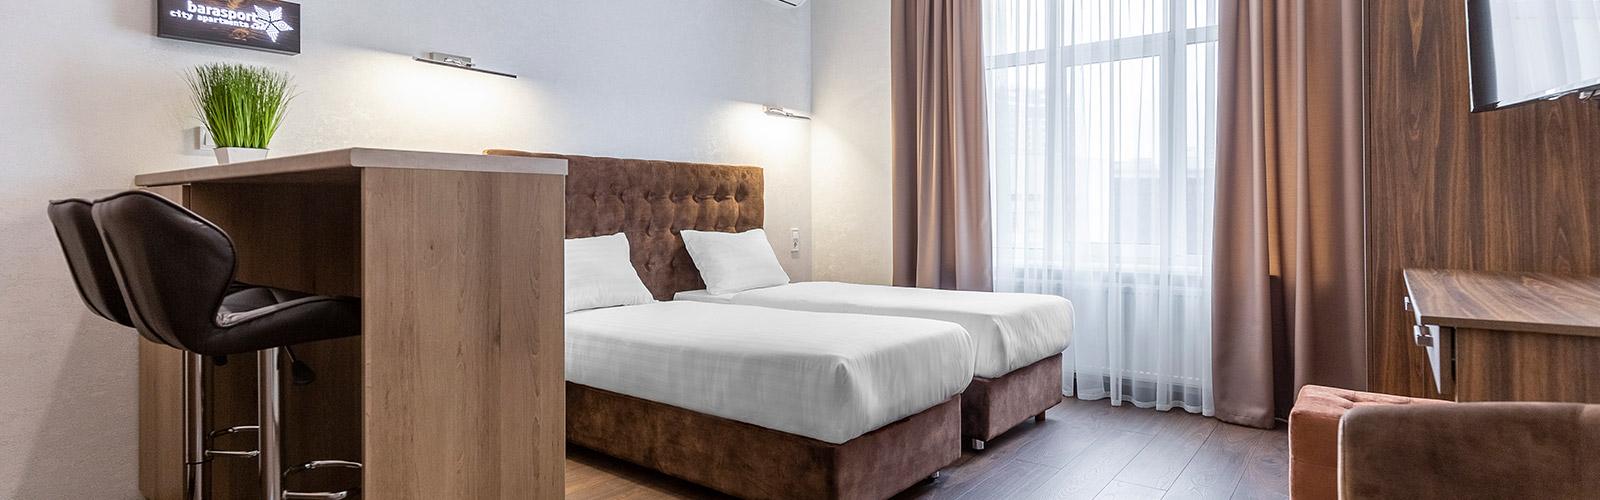 Barasport city apartments - the key to the heart of KievBarasport city apartments - the key to the heart of Kiev